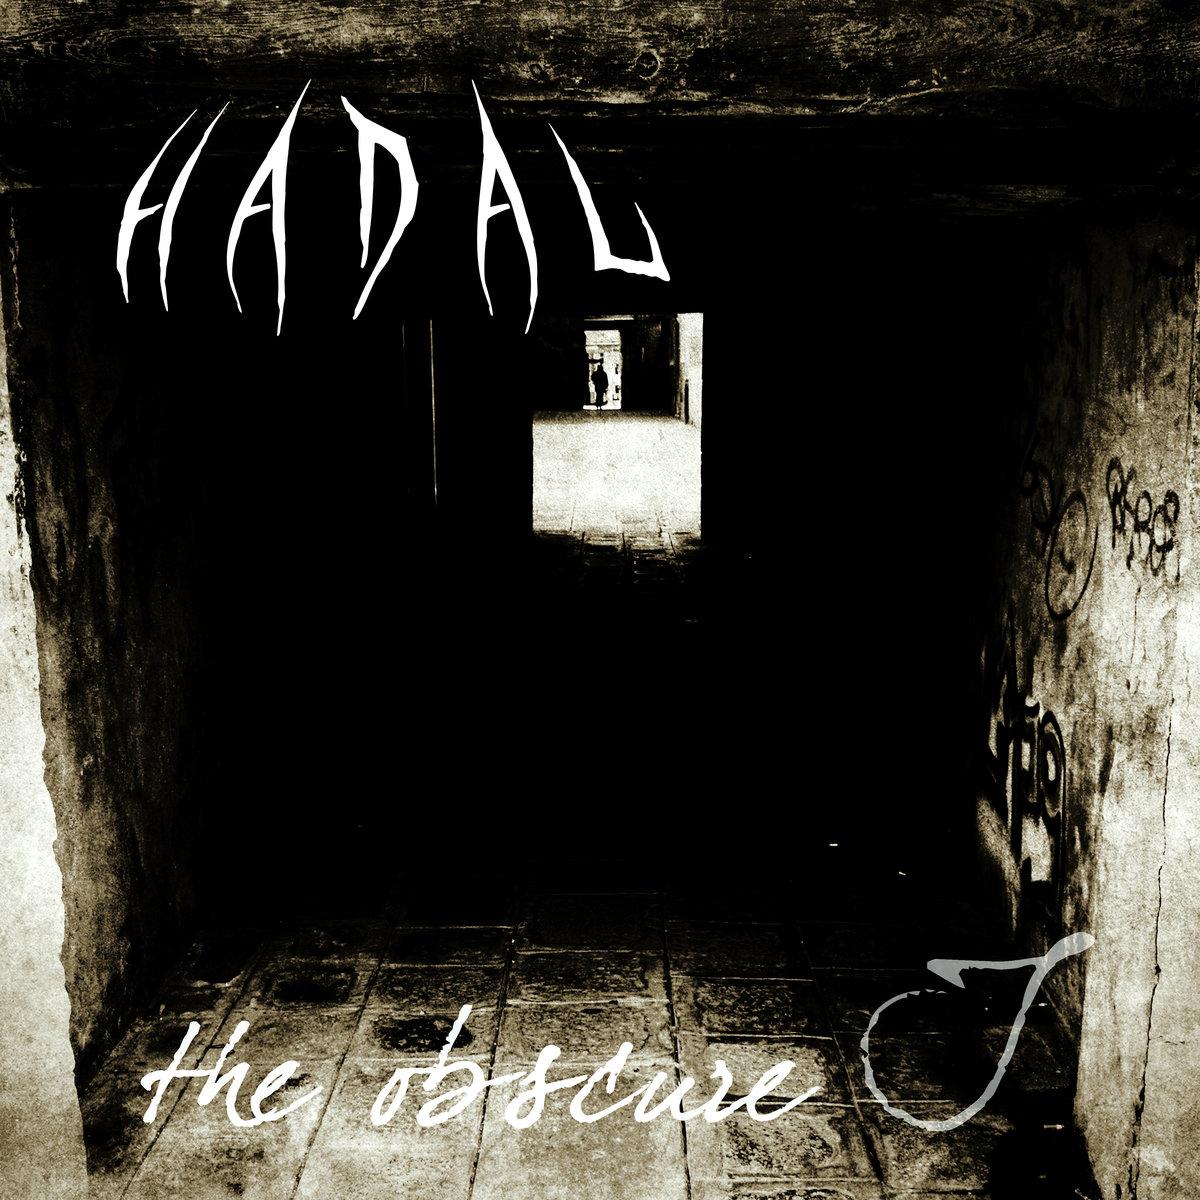 by Hadal